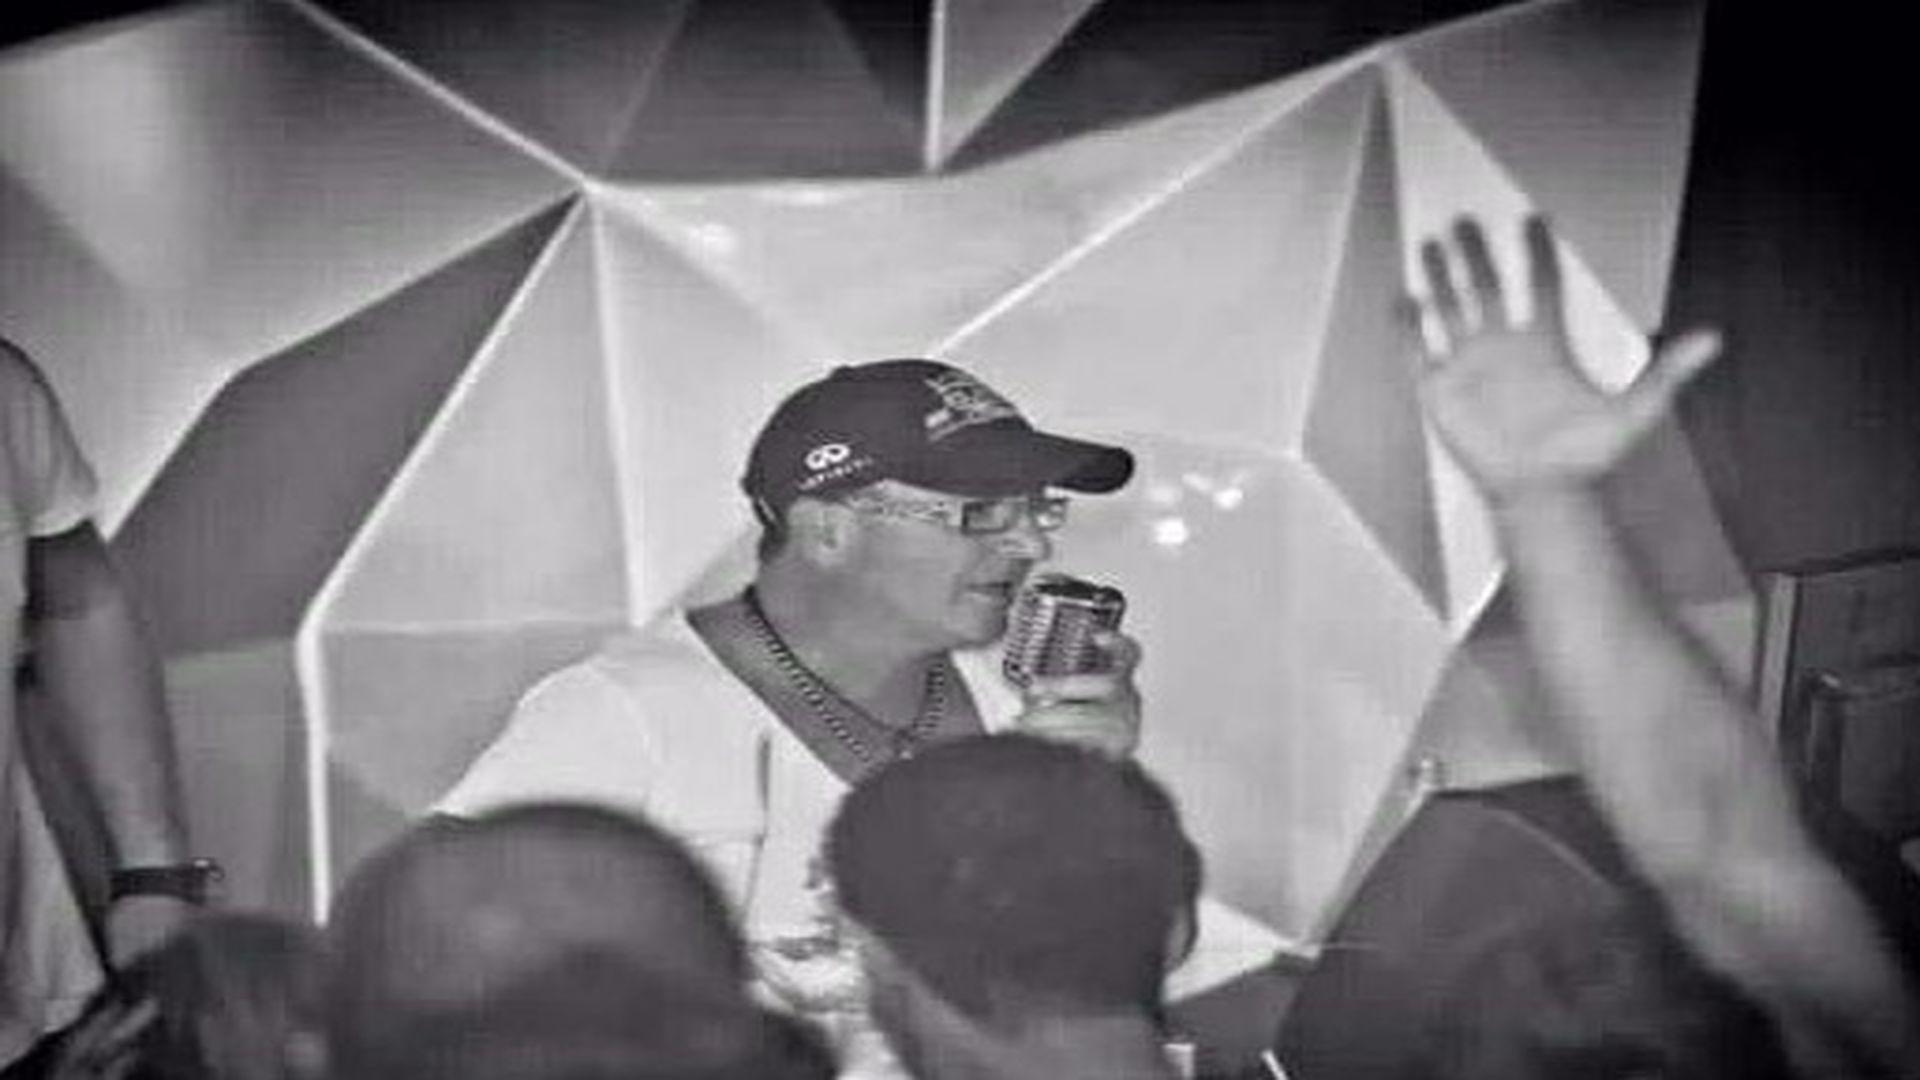 Doliu în lumea artistică! Celebrul DJ Pascal, găsit fără suflare